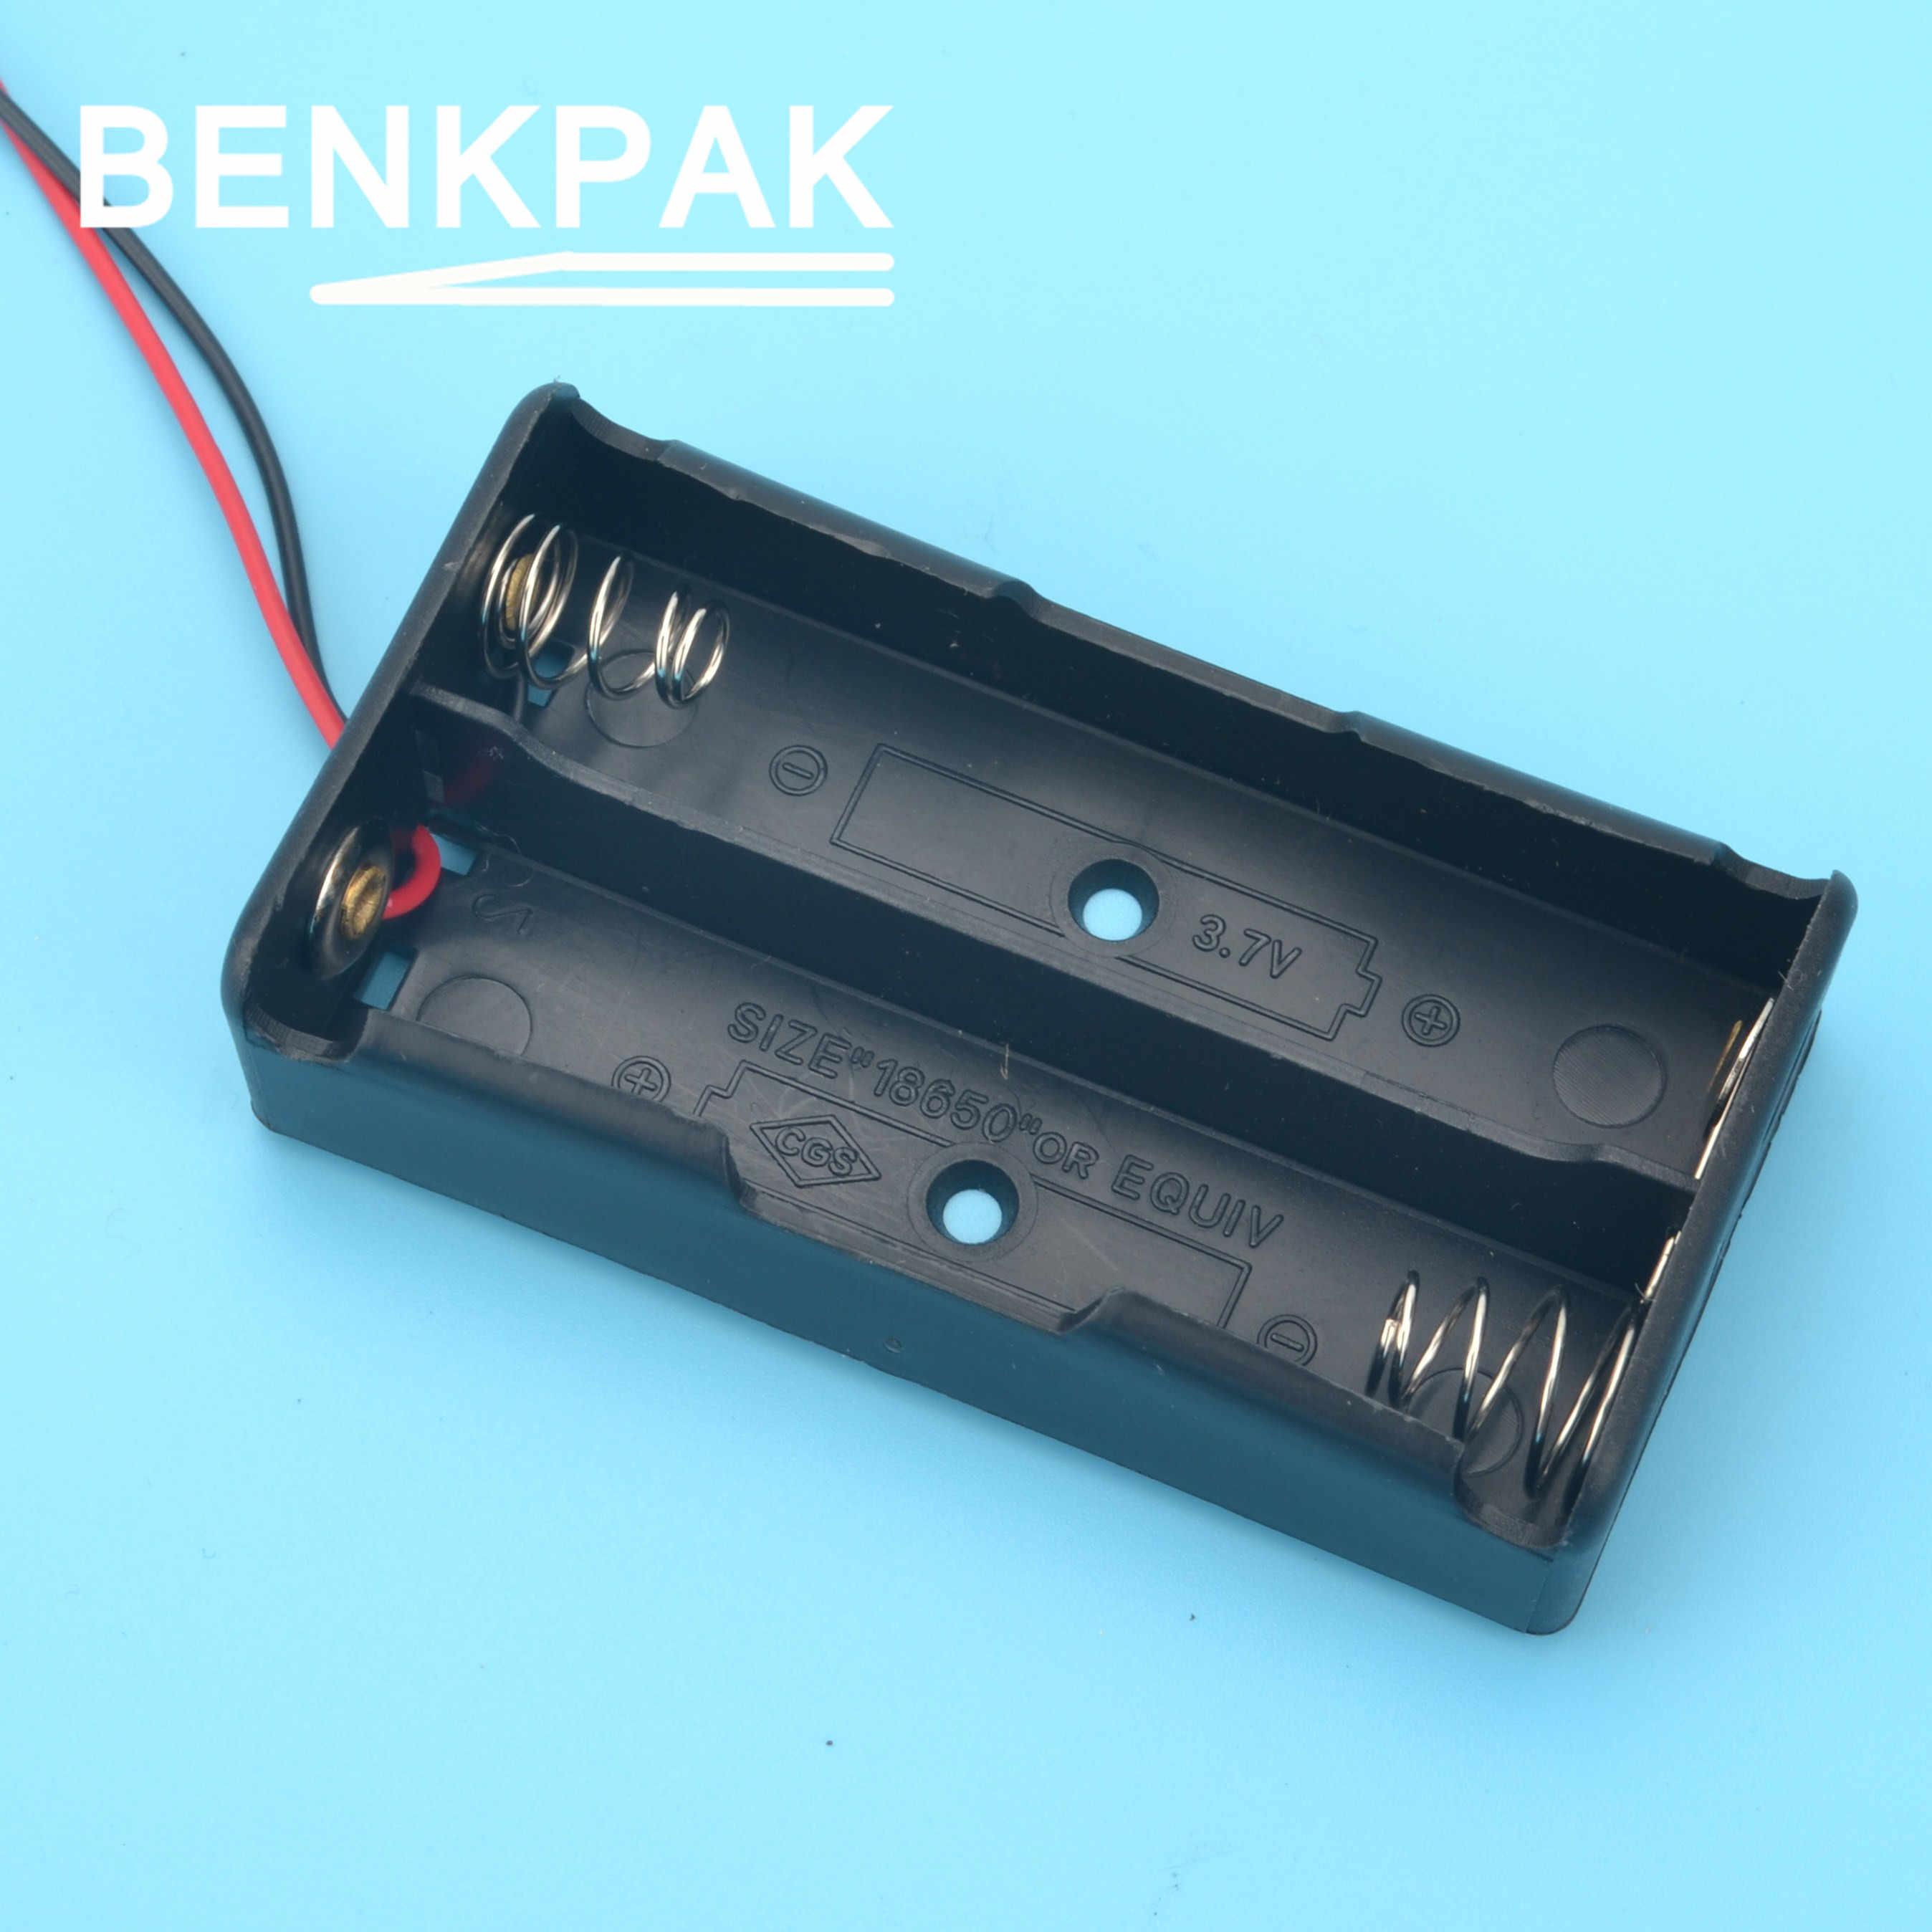 2 pcs/lot BENKPAK nouvelle batterie externe 18650 support de batterie en plastique boîtier de porte-boîte de rangement pour 2x18650 pour compteur d'énergie